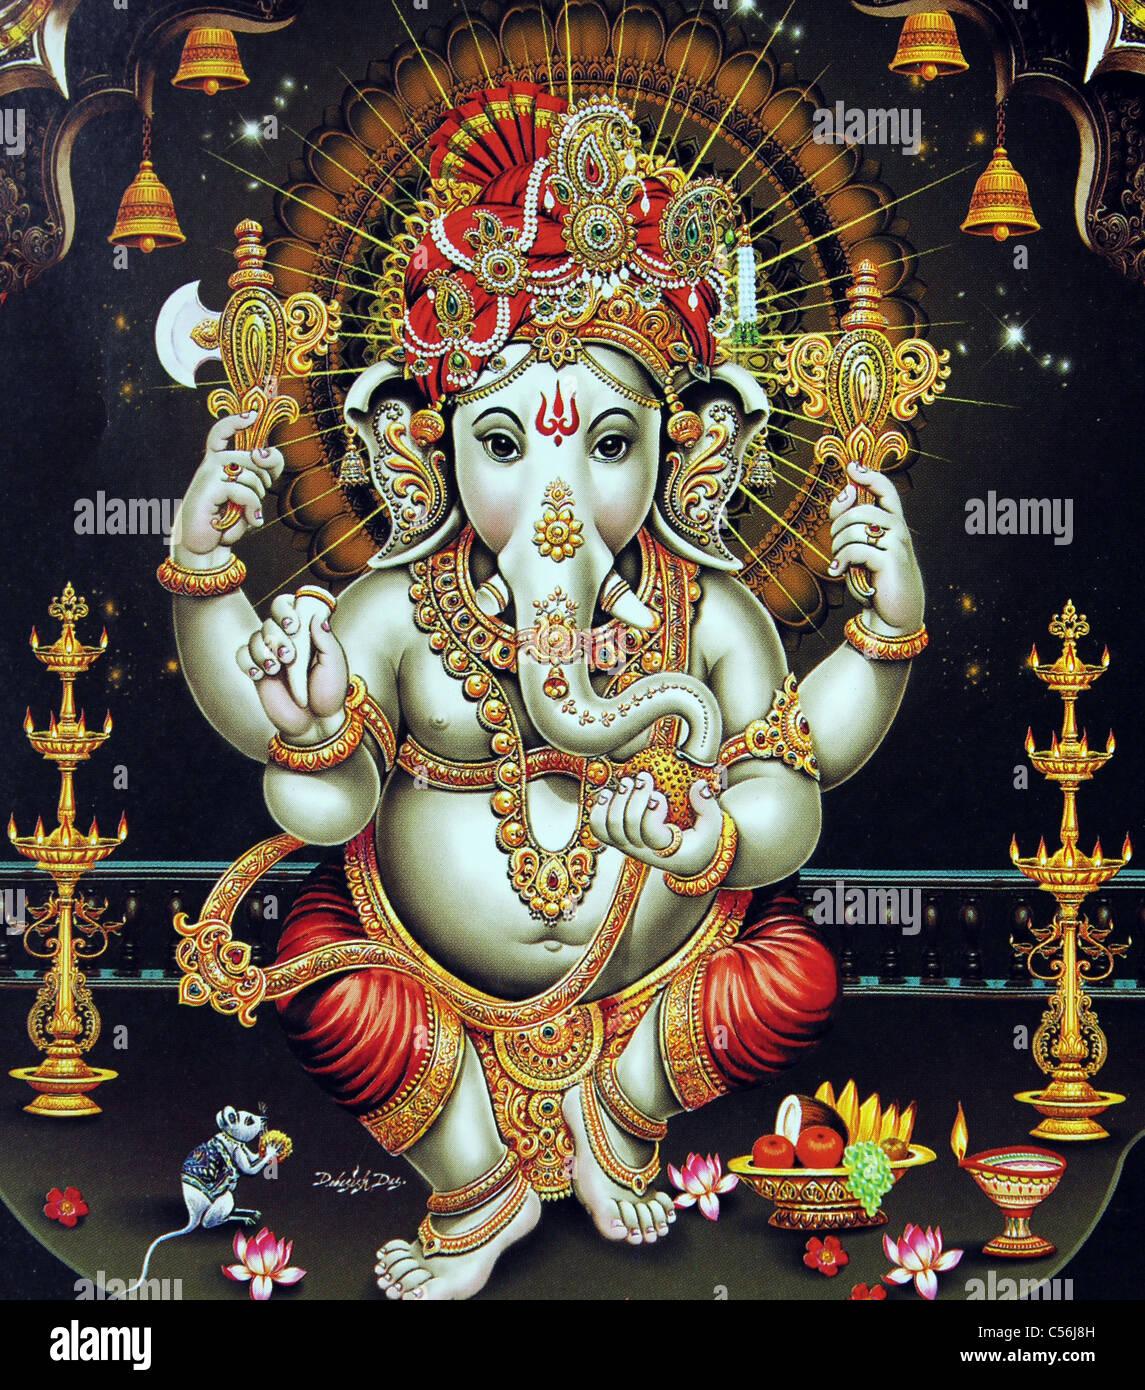 god ganapathi images  Painting of hindu god Ganesha or Ganapathy Stock Photo: 37640081 - Alamy